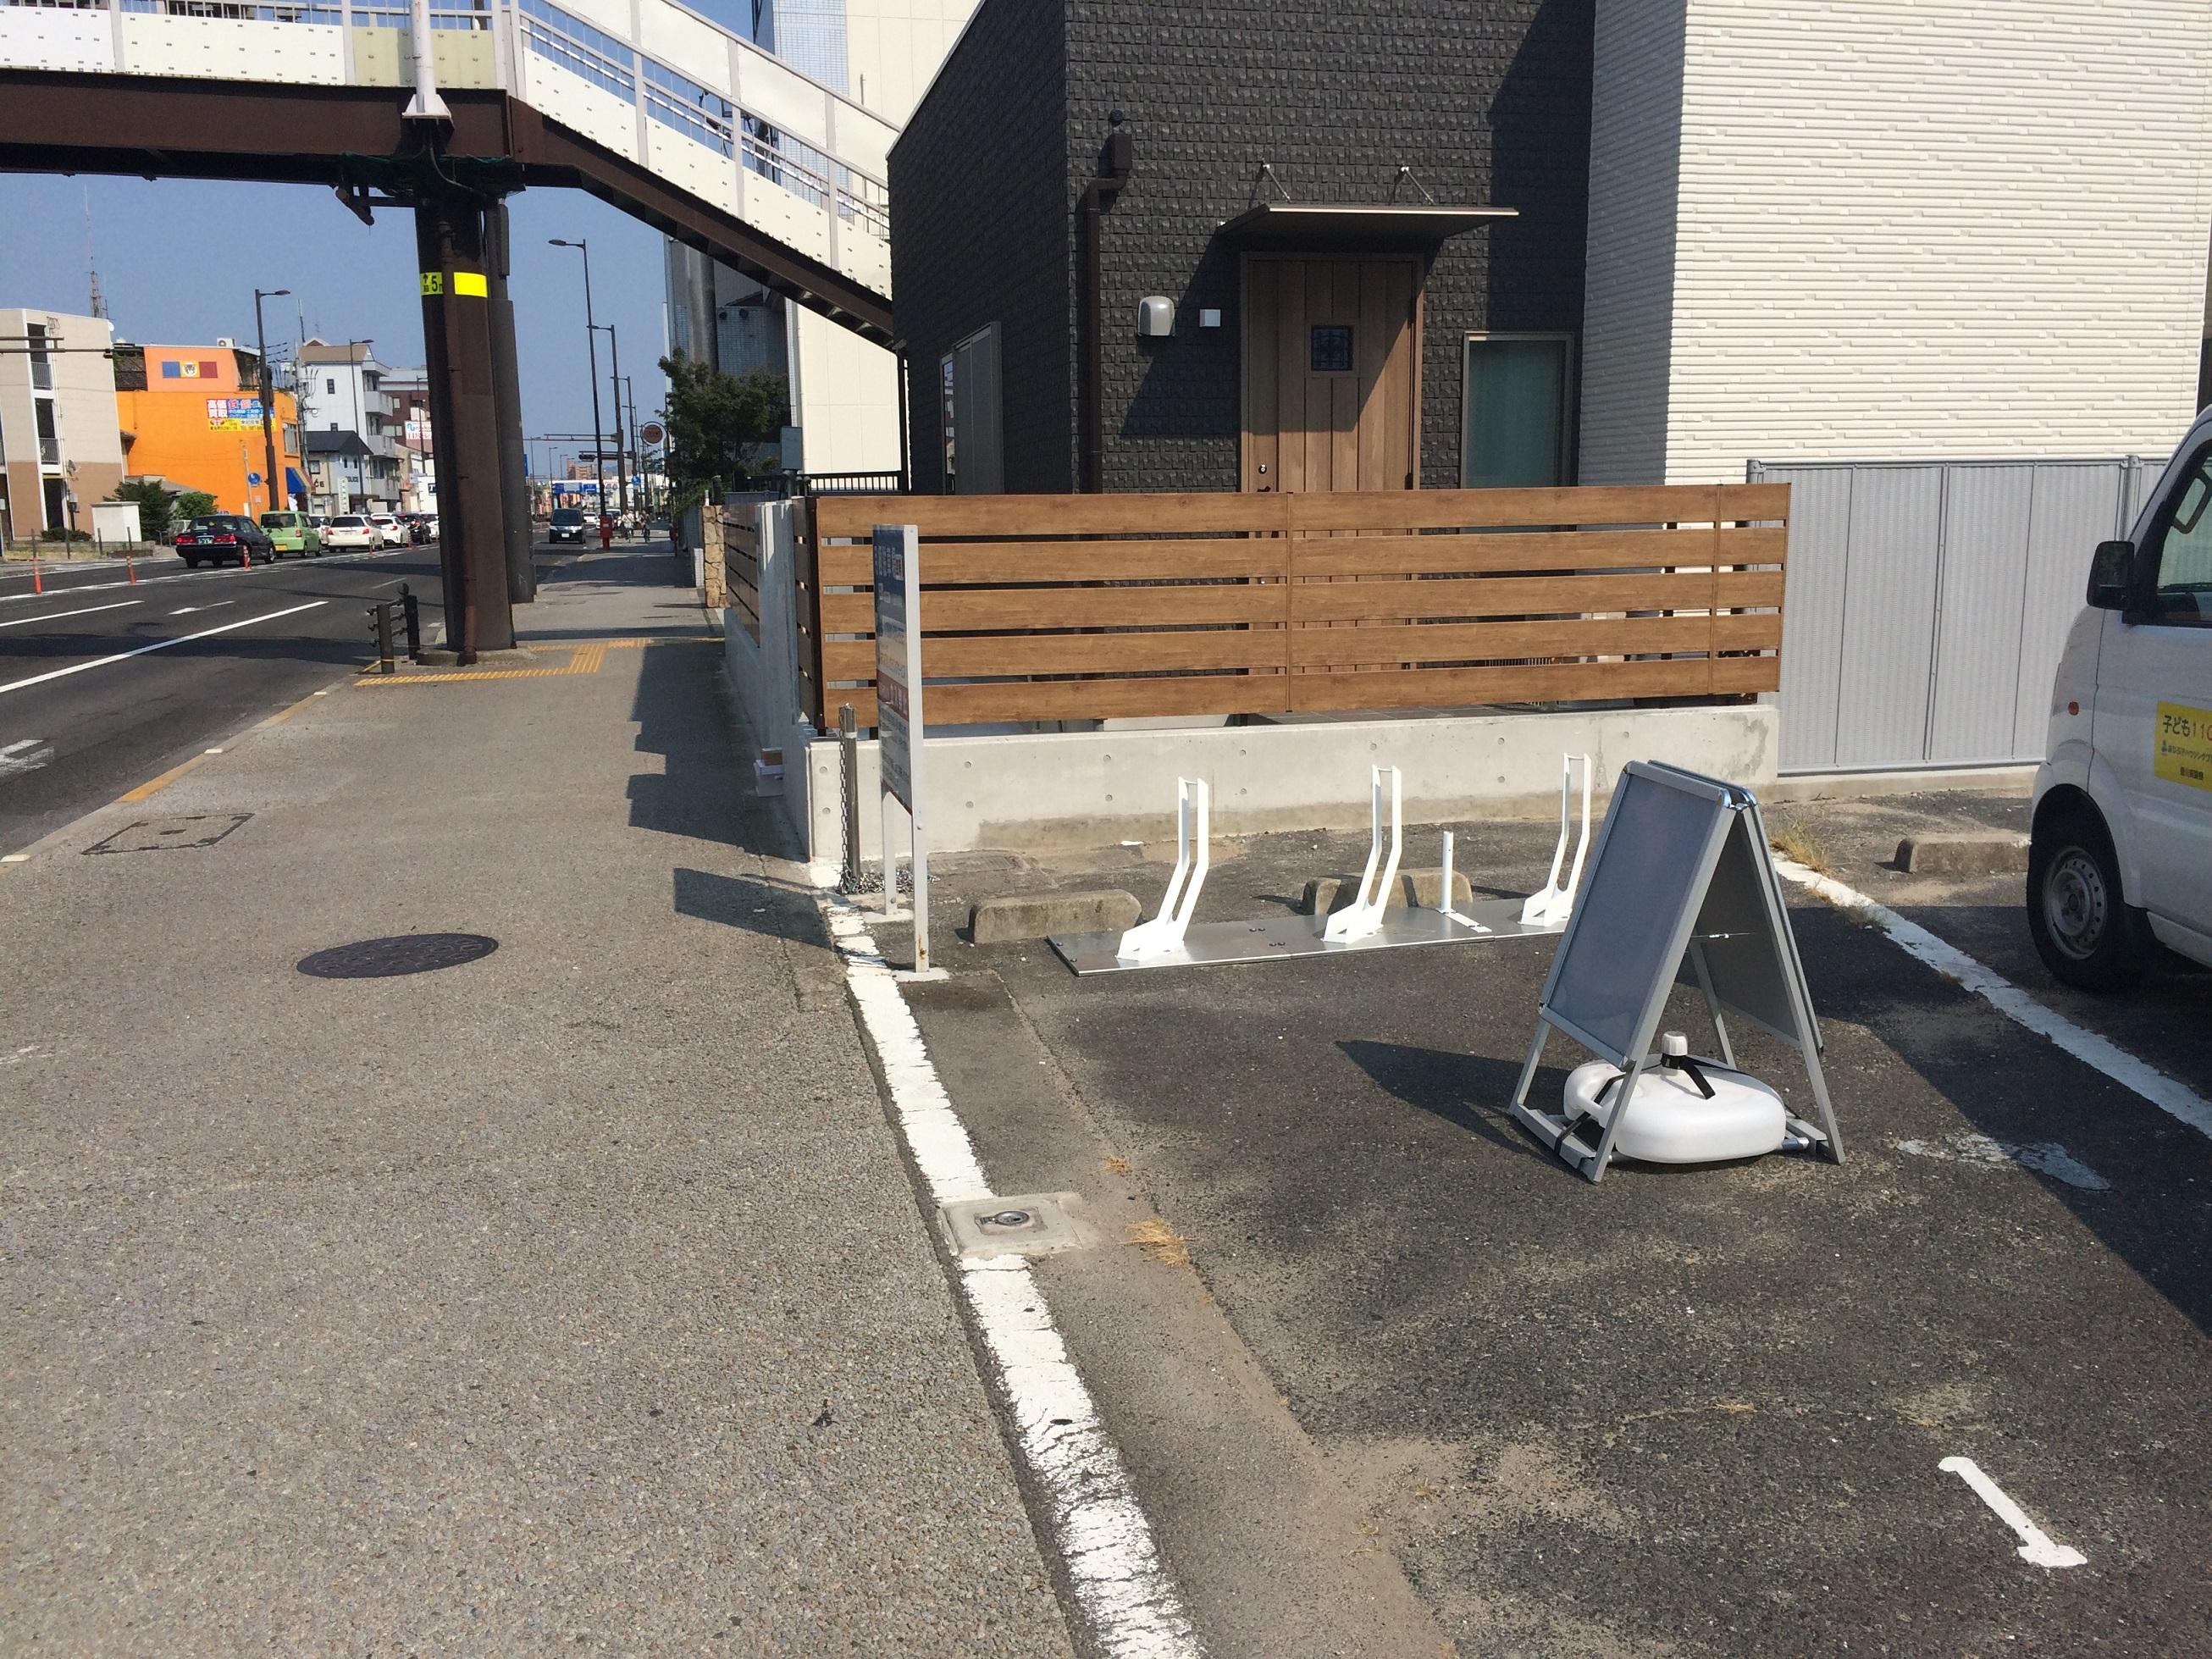 松島町2丁目交差点前 (HELLO CYCLING ポート) image